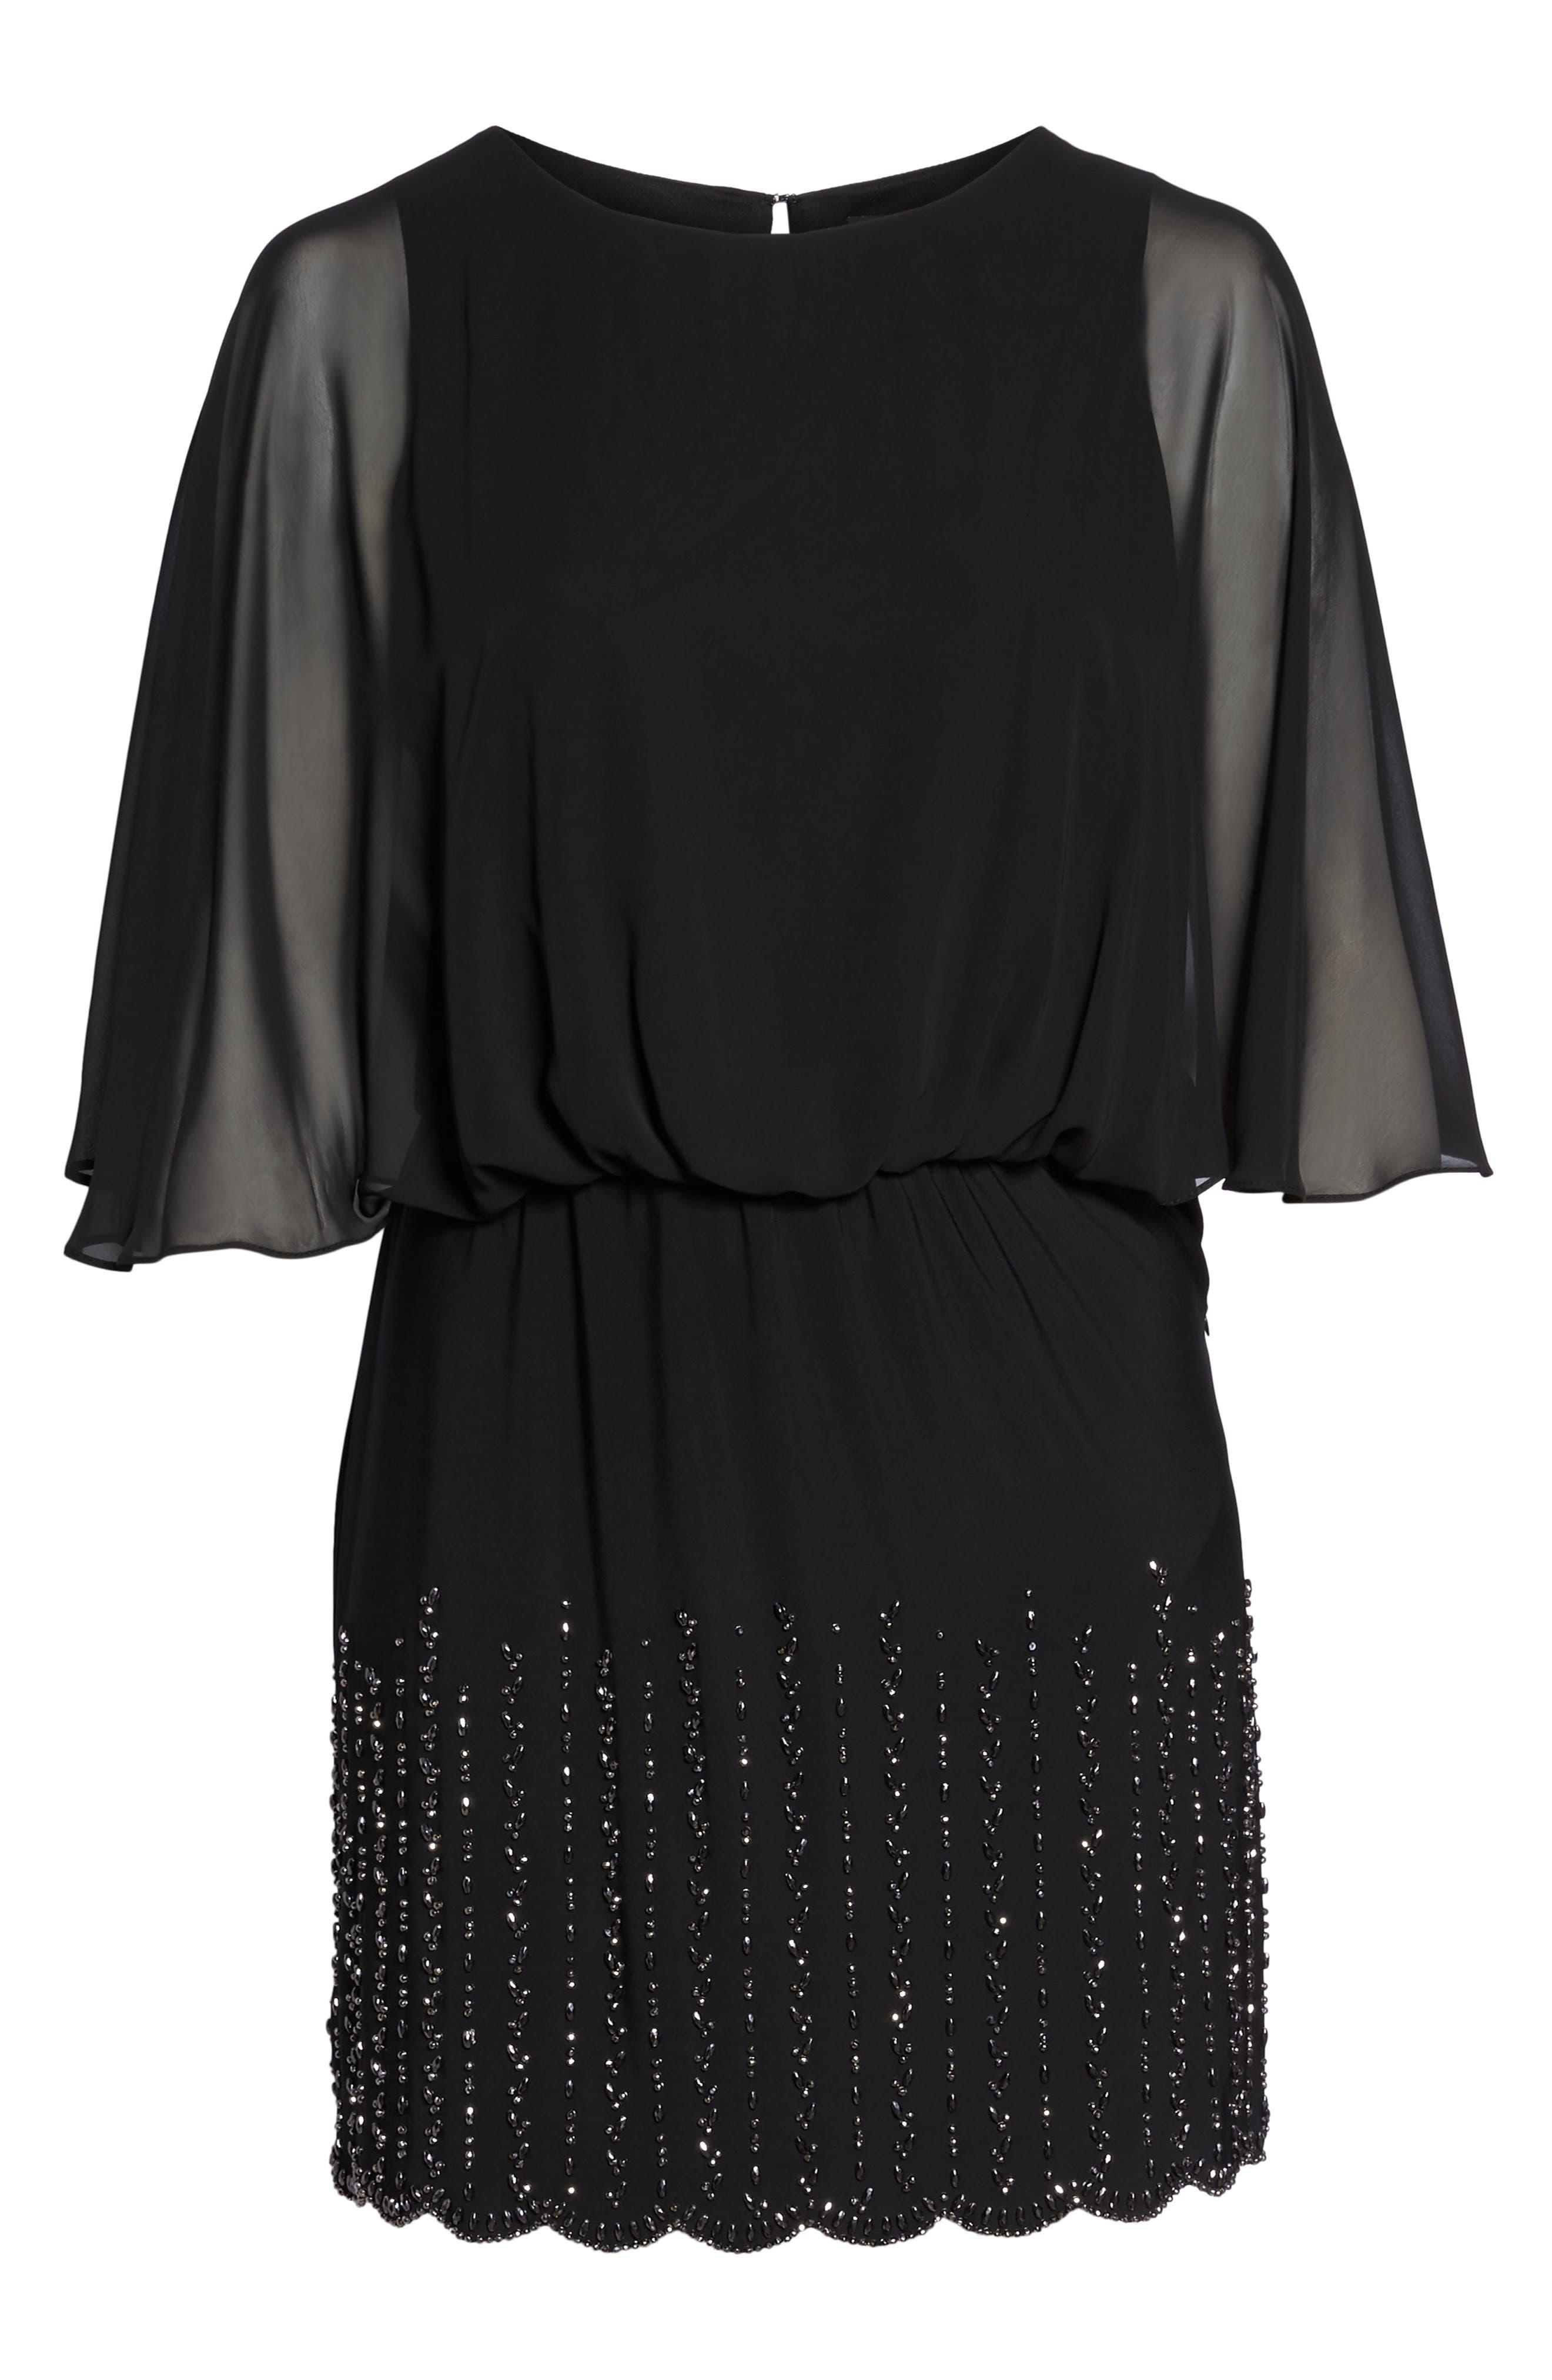 Beaded Overlay Dress,                             Alternate thumbnail 6, color,                             Black